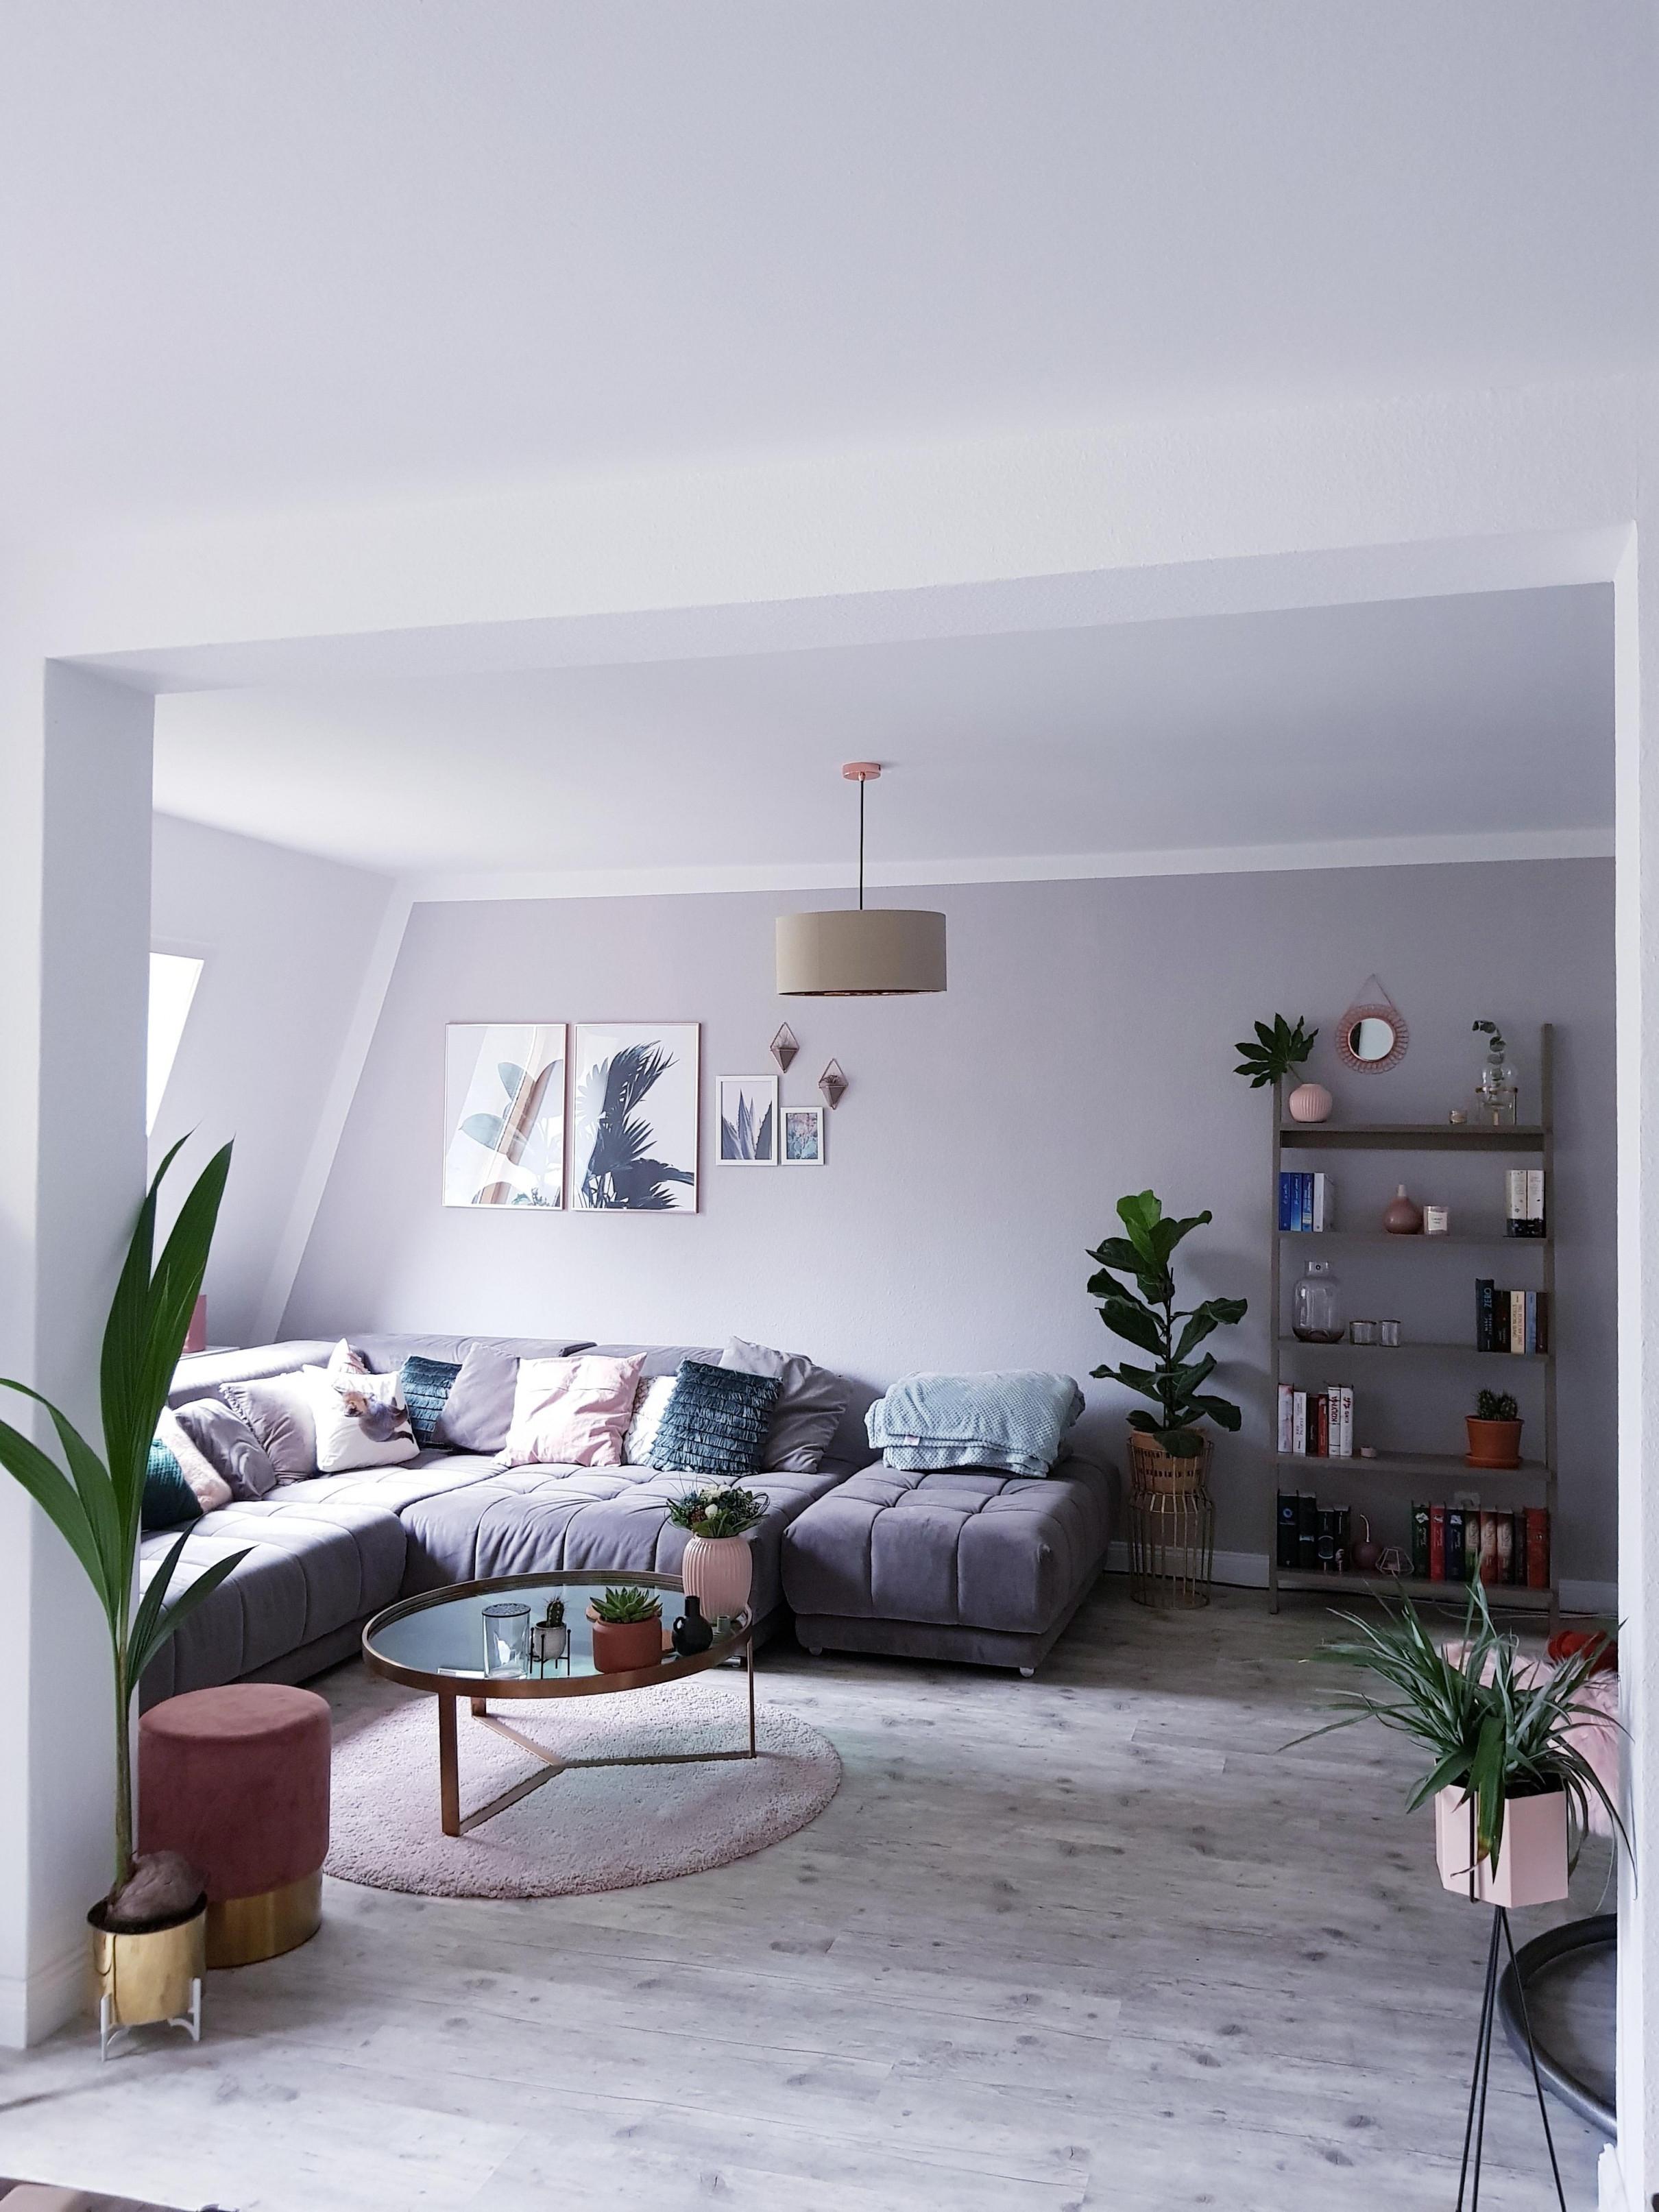 Farben Im Wohnzimmer So Wird's Gemütlich von Wohnzimmer Einrichten Farben Photo